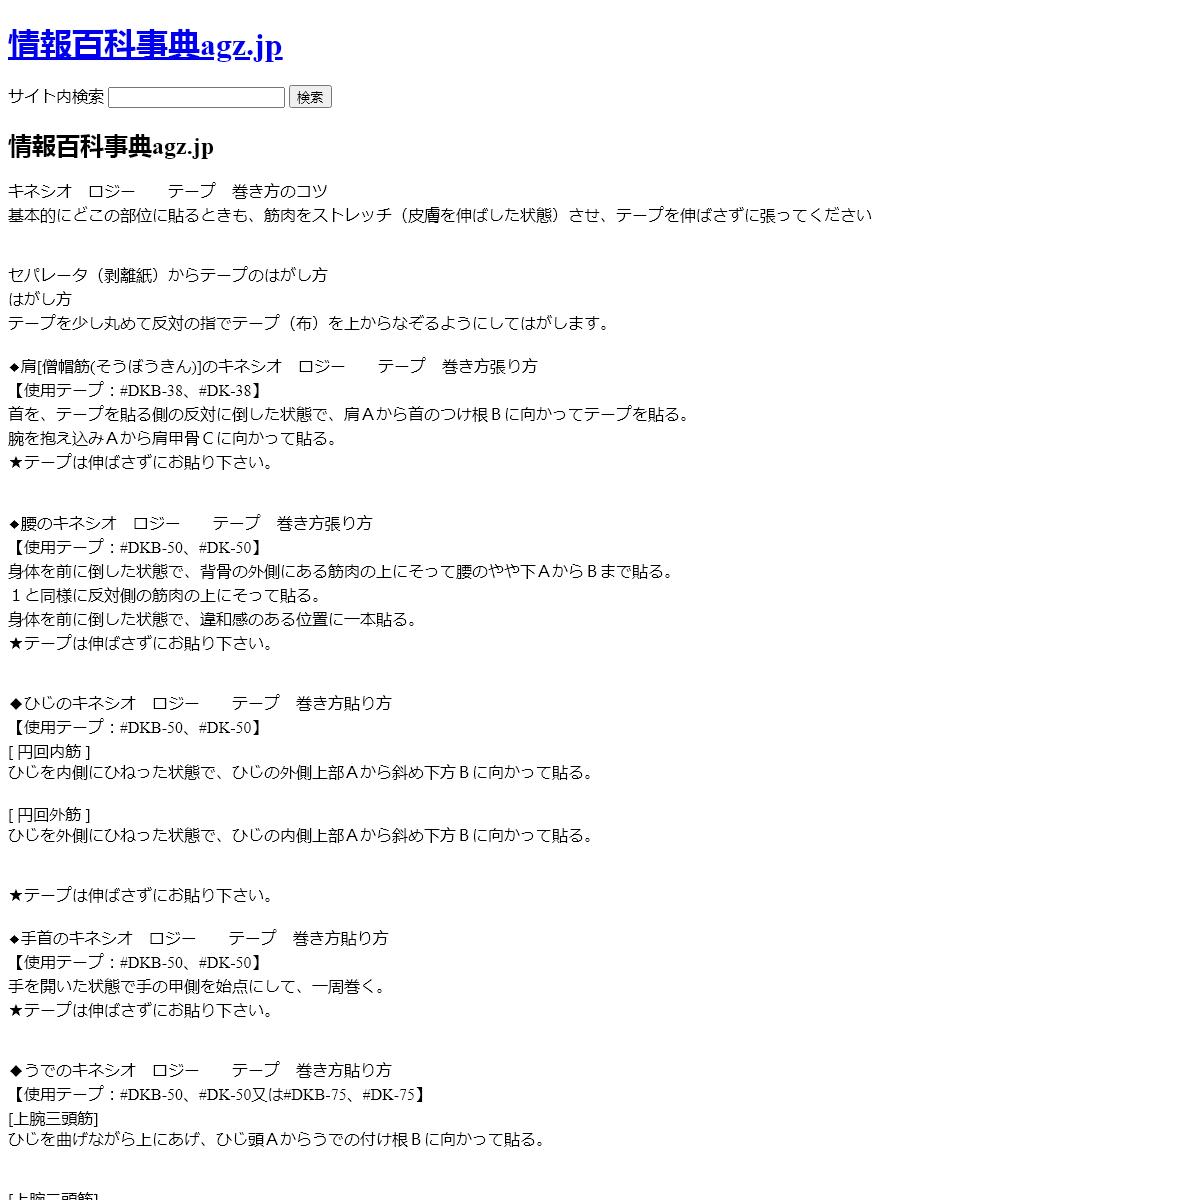 情報百科事典agz.jp